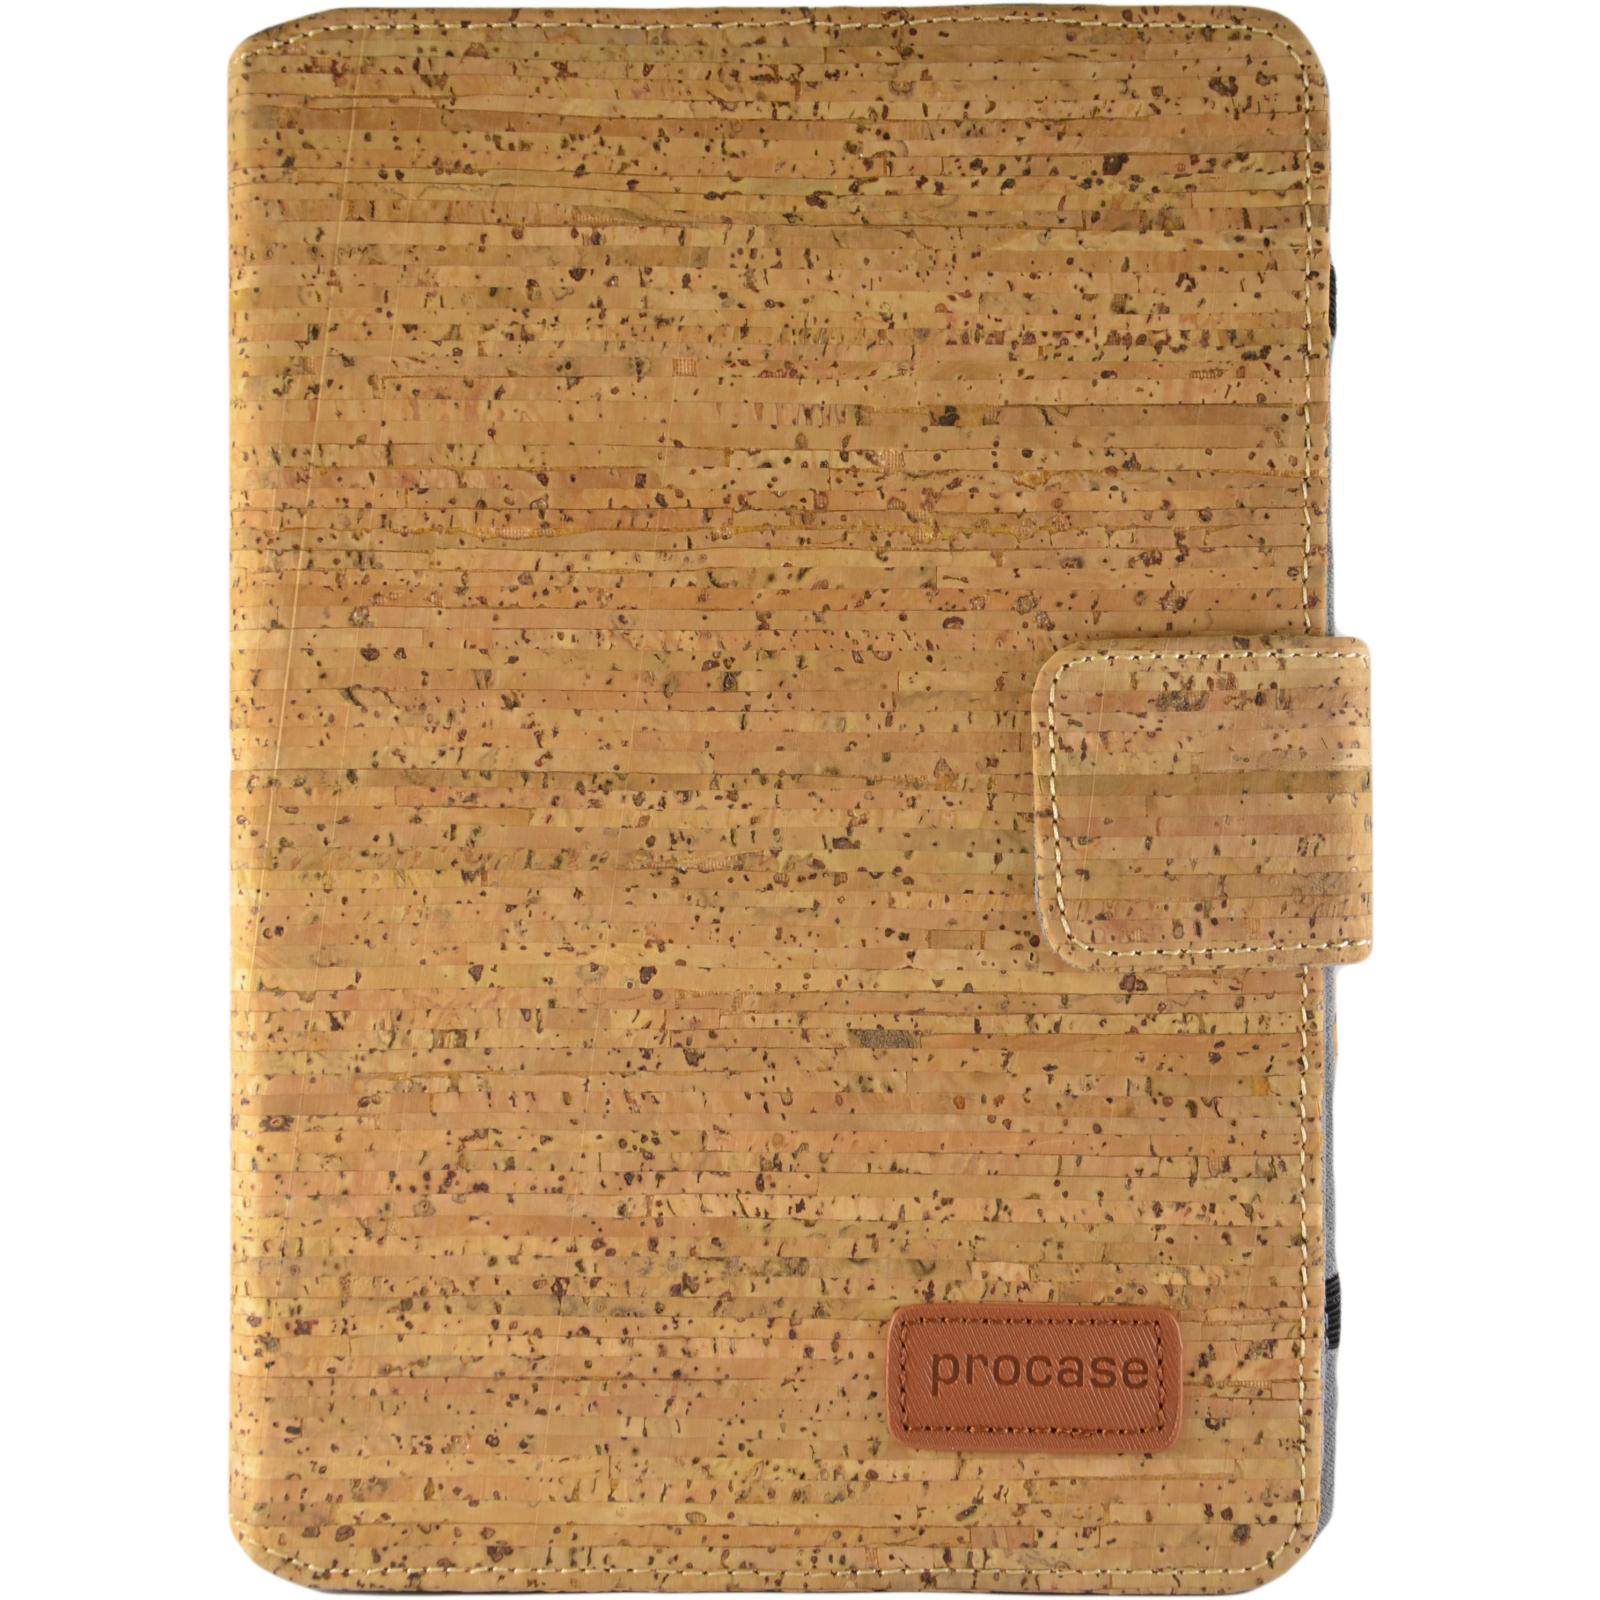 """Чехол для планшета Pro-case Чохол для планшету універсальний Pro-case Cork case 10"""" beig (UNS-046)"""